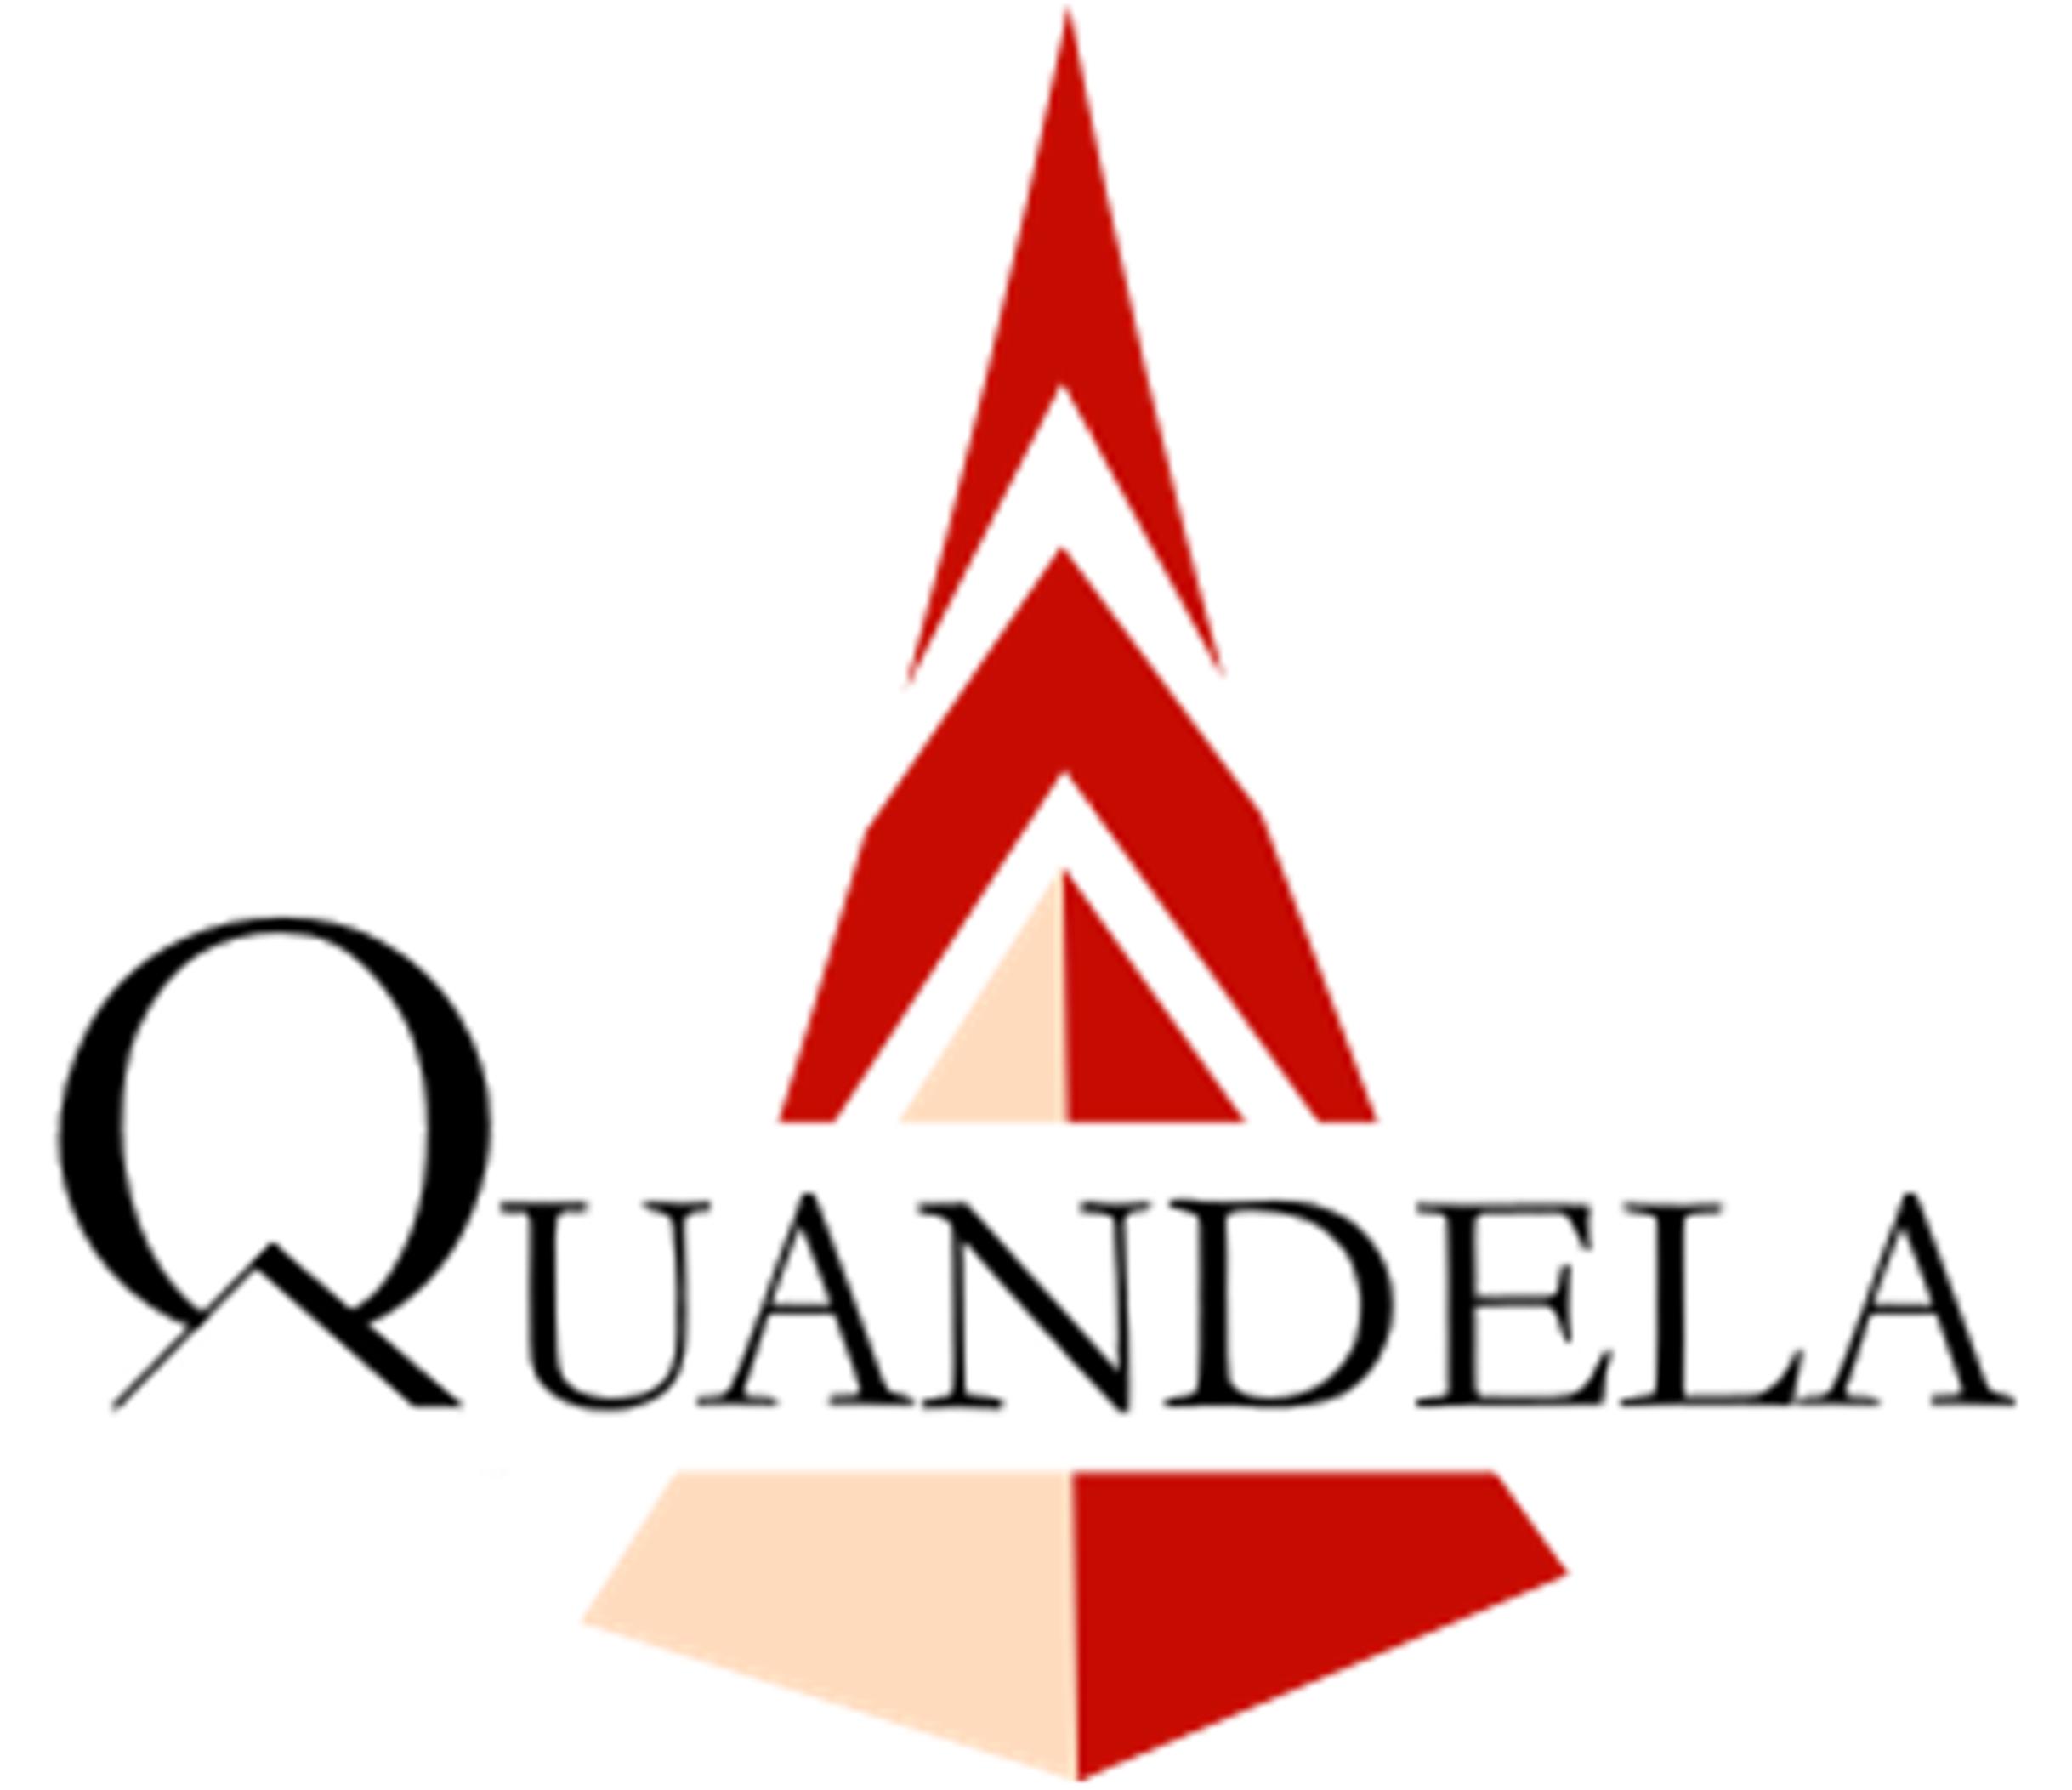 Quandela_1.png